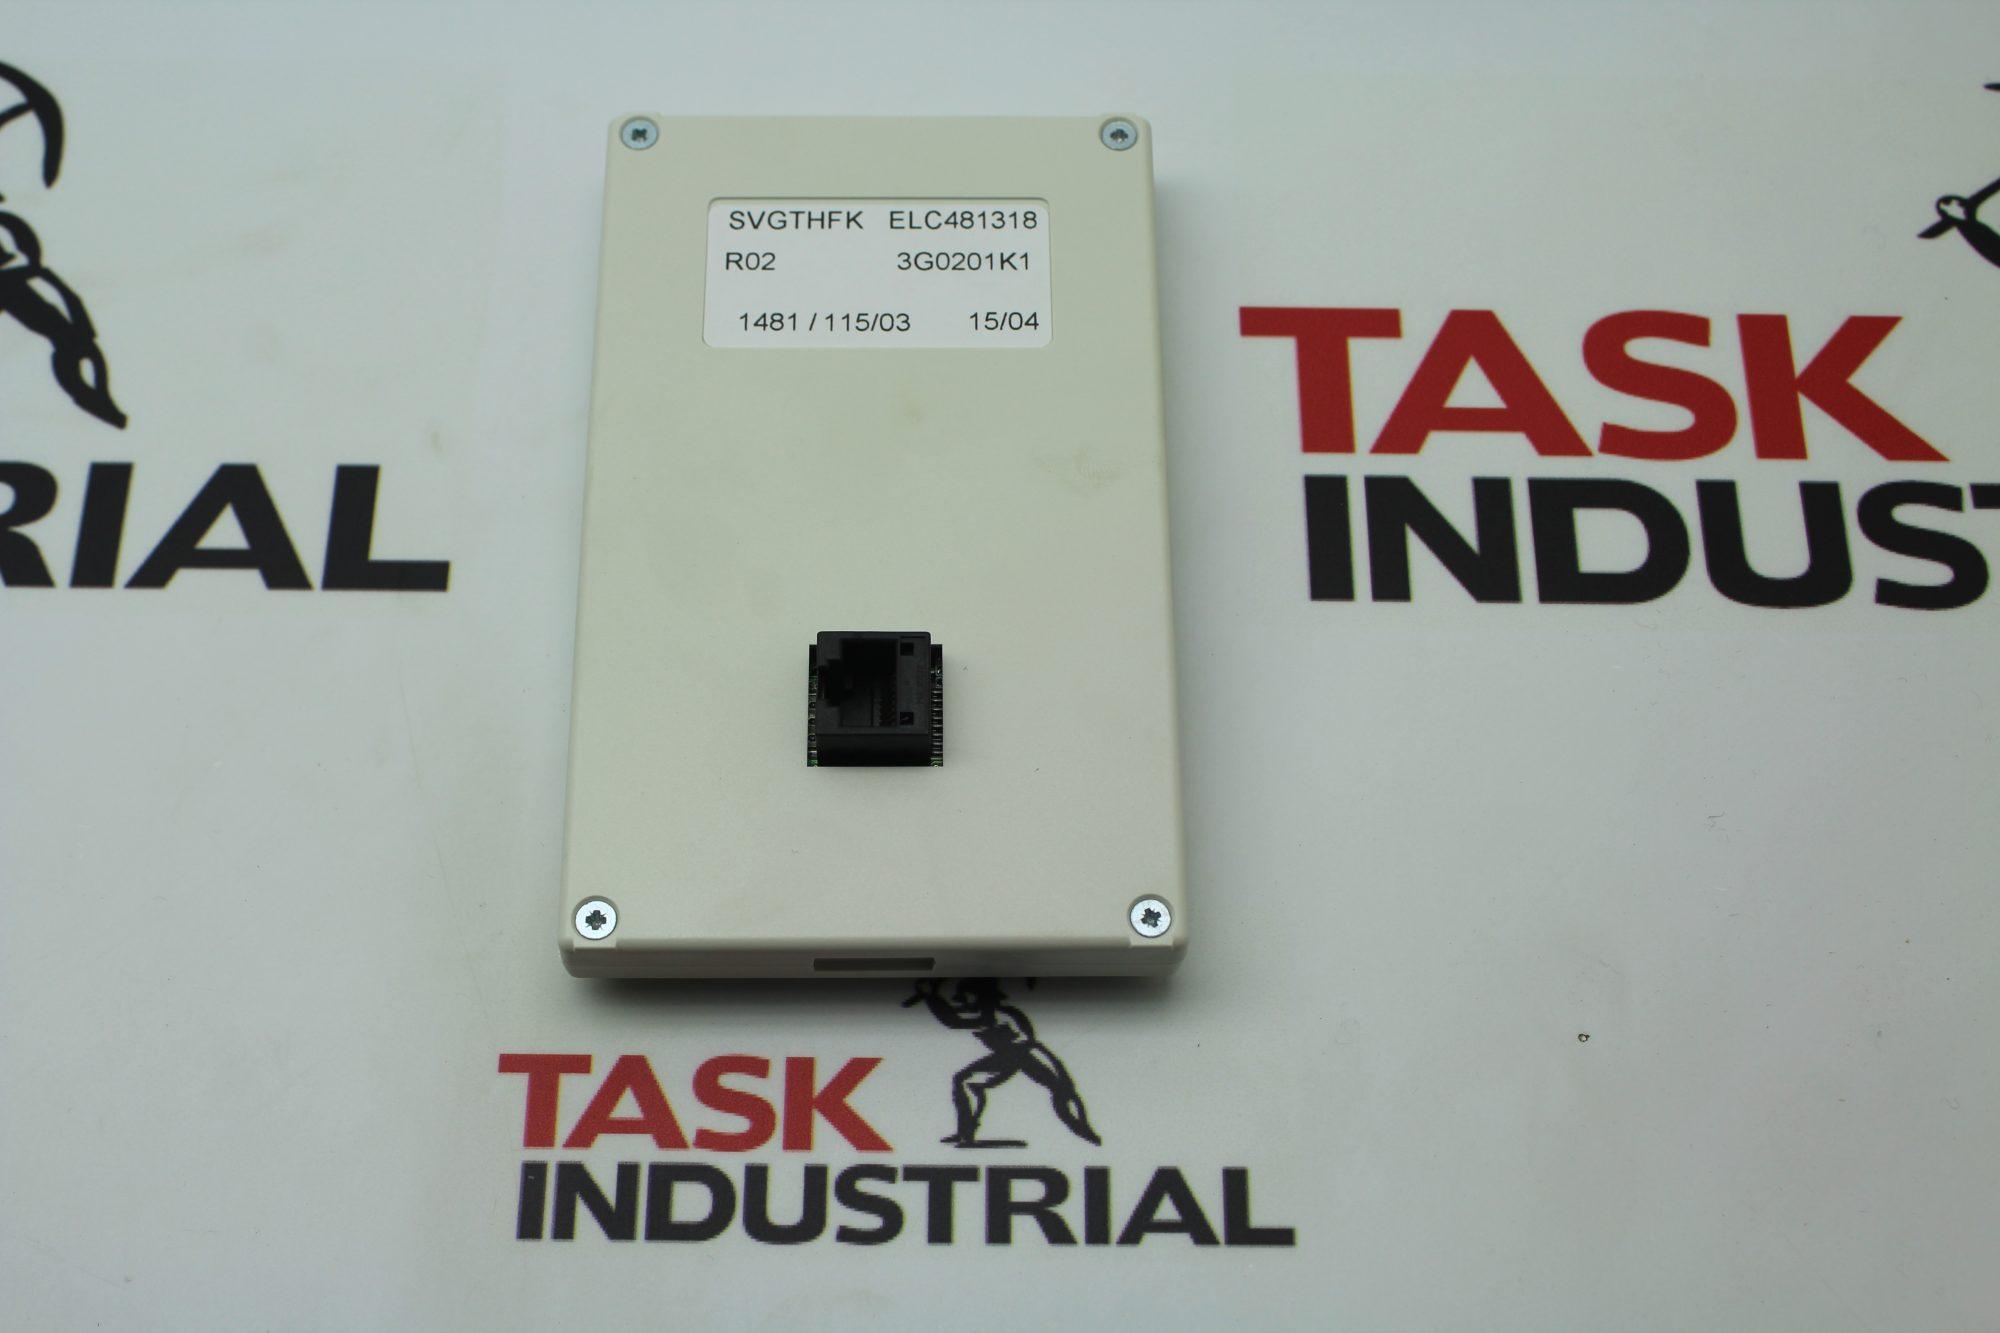 ASI Robicon SVGTHFK ELC481318 Remote Control Operator Keypad